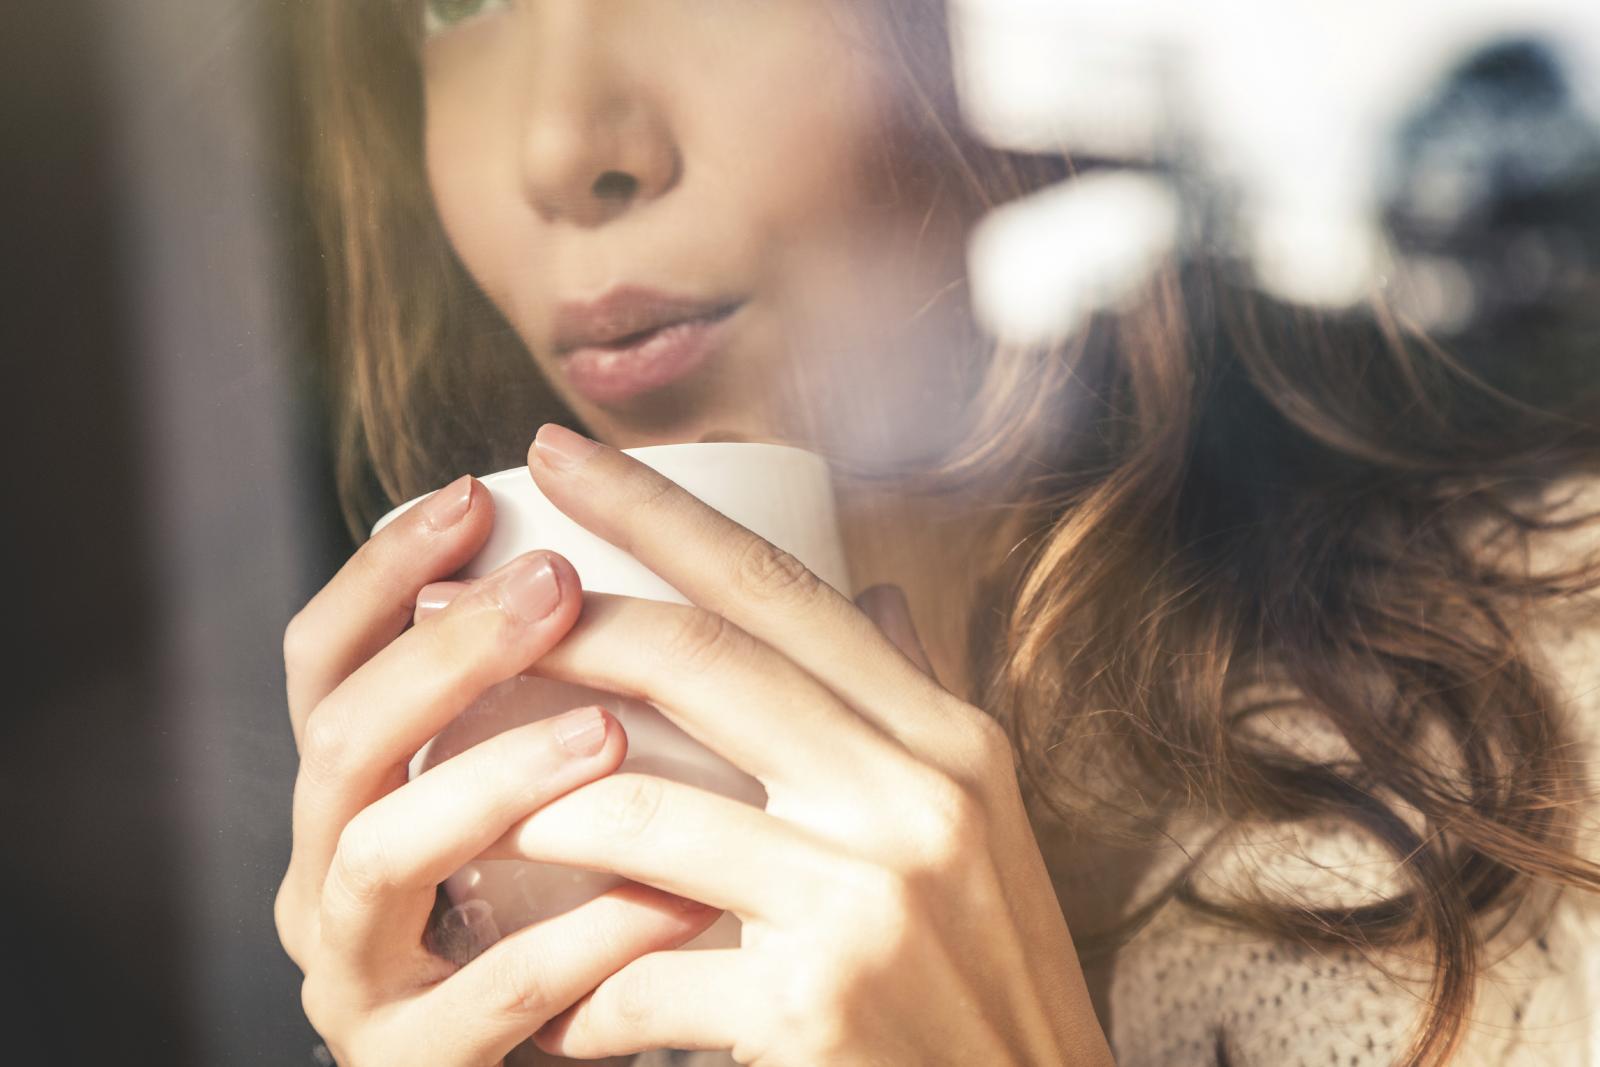 Sve ove recepte možete iskoristiti zimi, ali i ljeti - dovoljno je napraviti čaj i ostaviti da se ohladi, ako vam je tako draži.